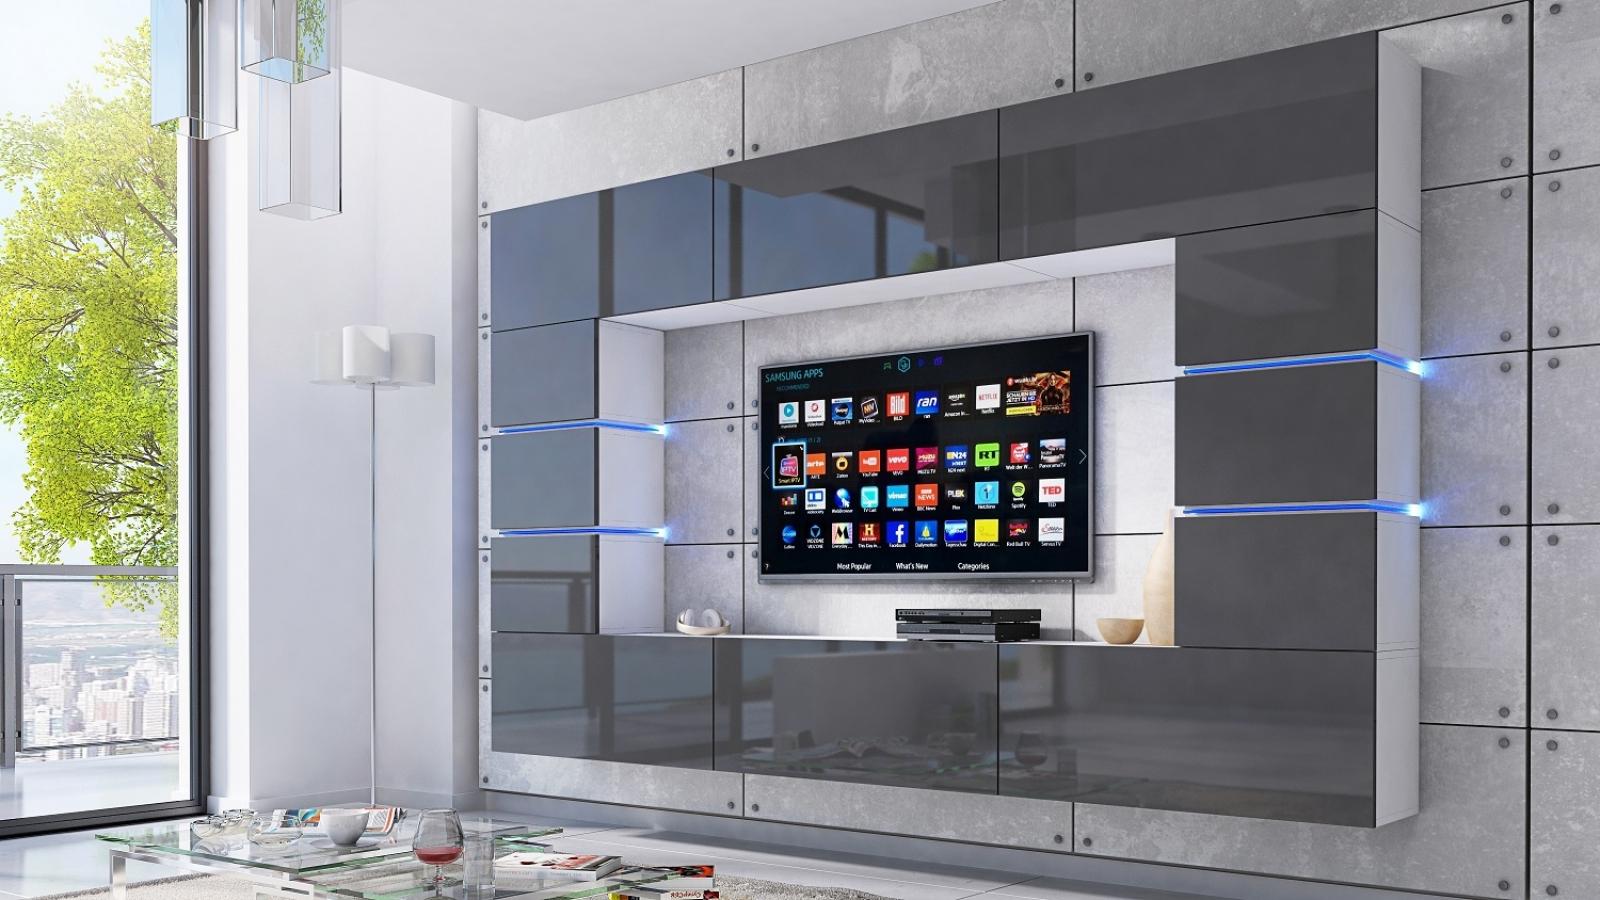 Wohnwand Bloom Grau Hochglanz Weiss 264 Cm Mediawand Medienwand Design Modern Led Beleuchtung Mdf Hochglanz Hangewand Hangeschrank Tv Wand